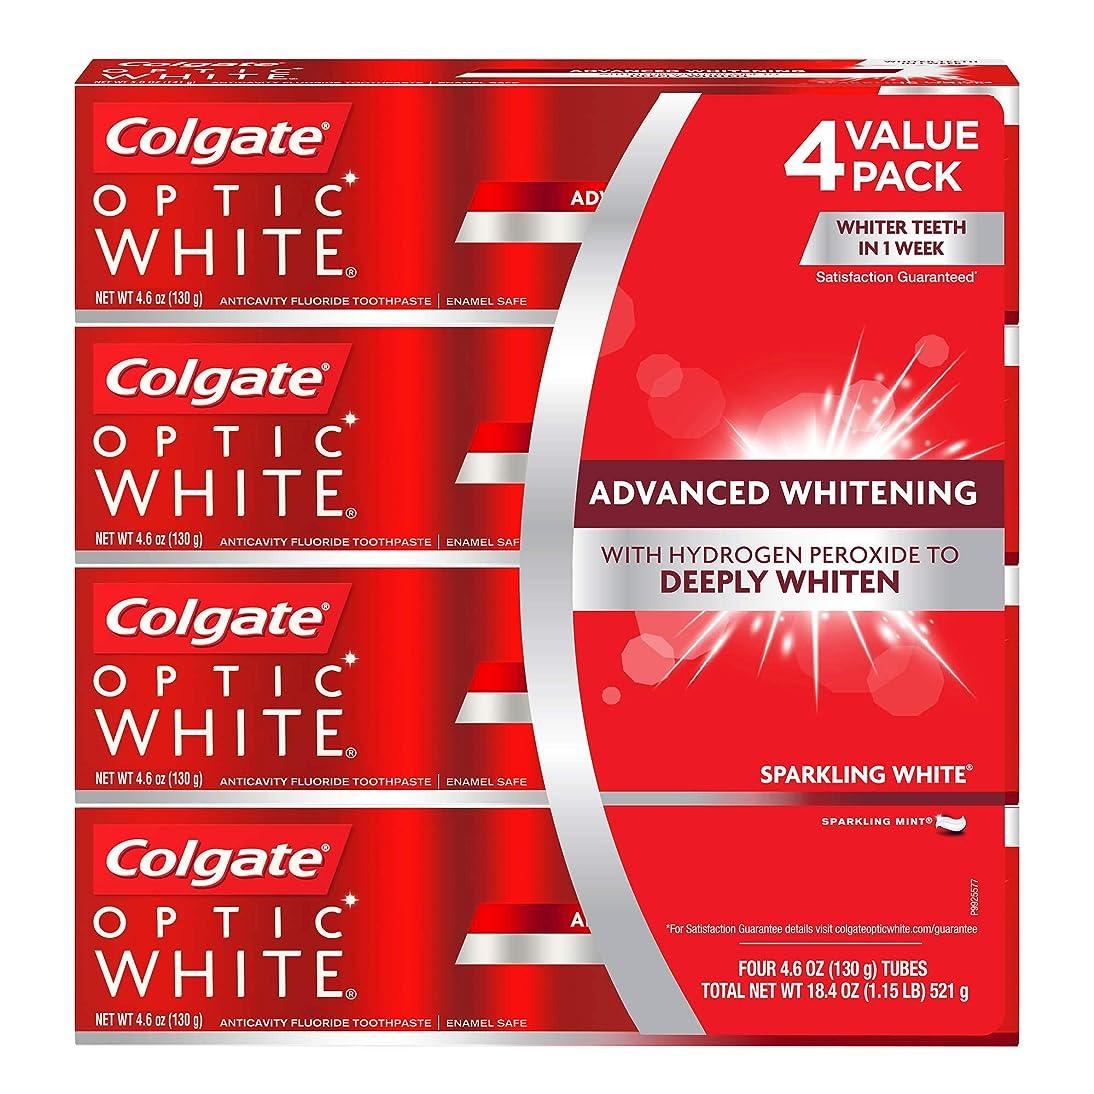 悪意のある額局海外直送品 コルゲートオプティックホワイトスパークリングホワイト 歯磨き粉 Colgate Optic White Sparkling White Toothpaste, Sparkling Mint (4.6 oz, 5 pk.) 130gx5本